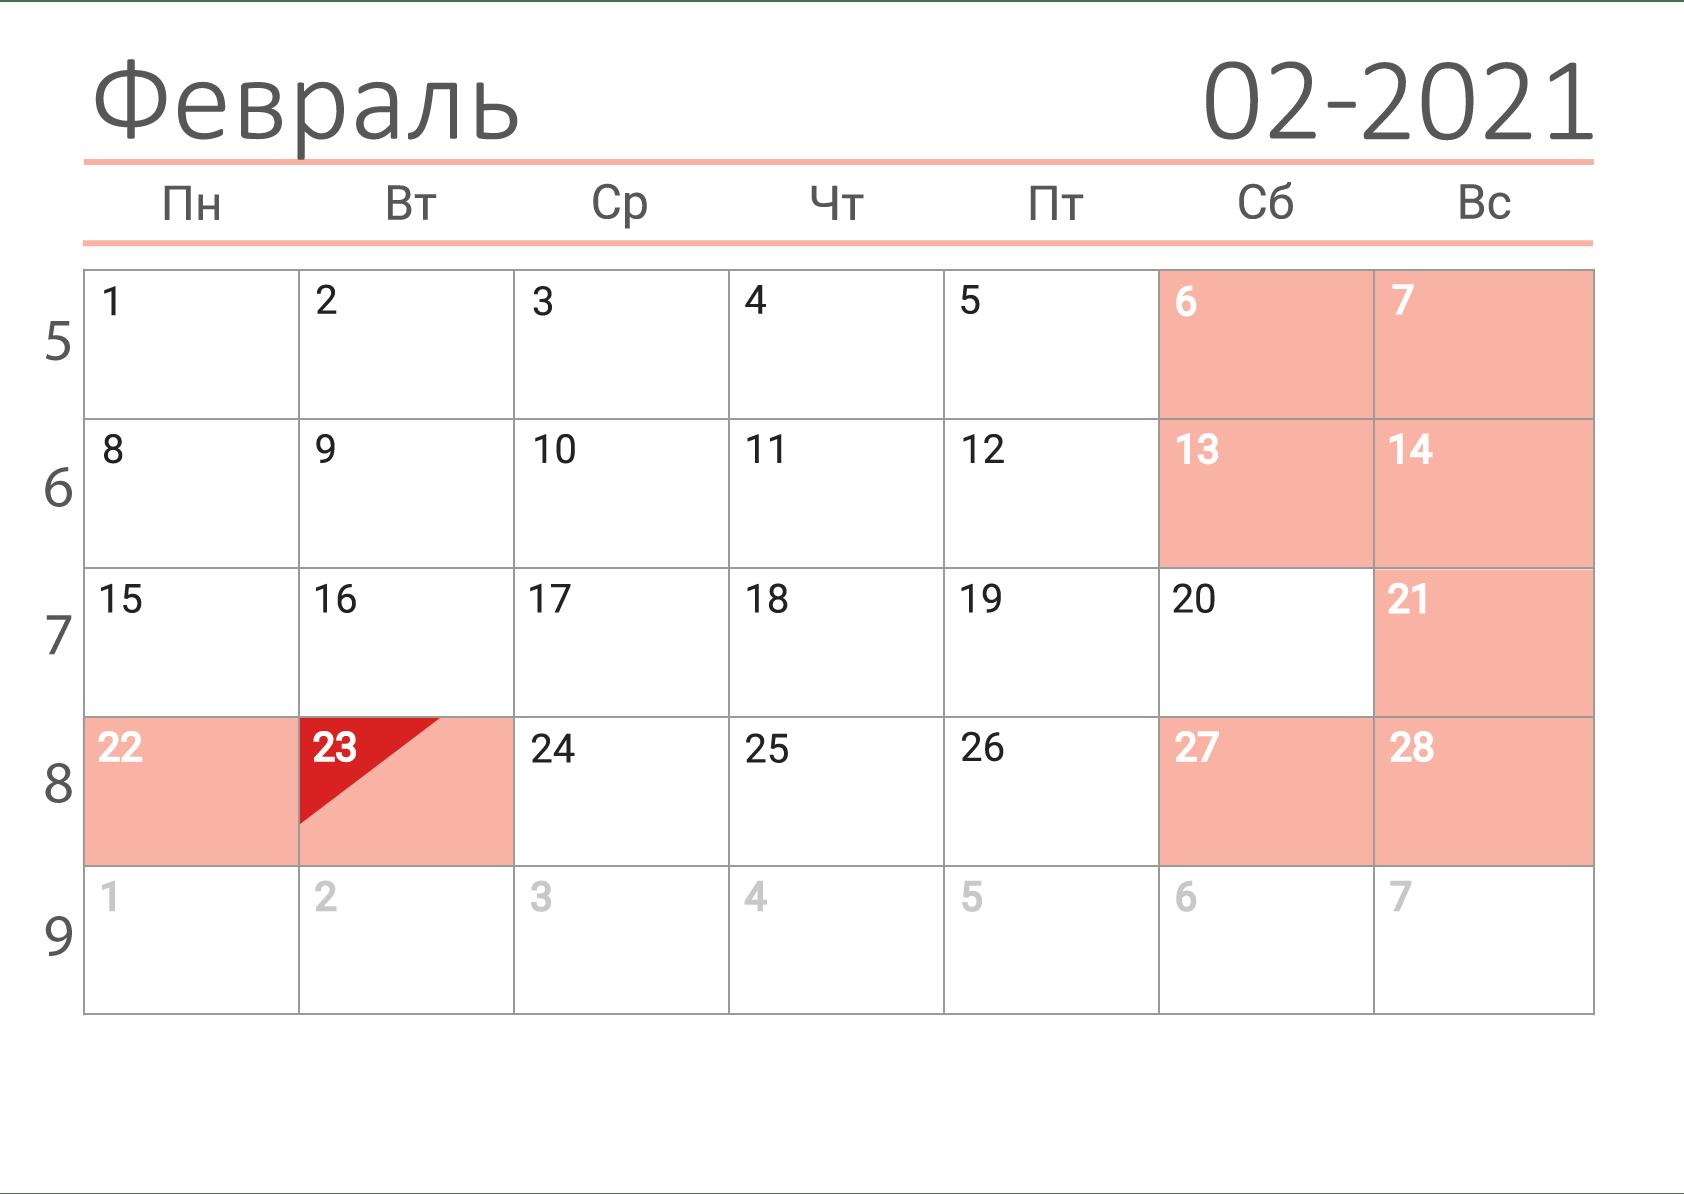 Февраль 2021 - Календарь-сетка